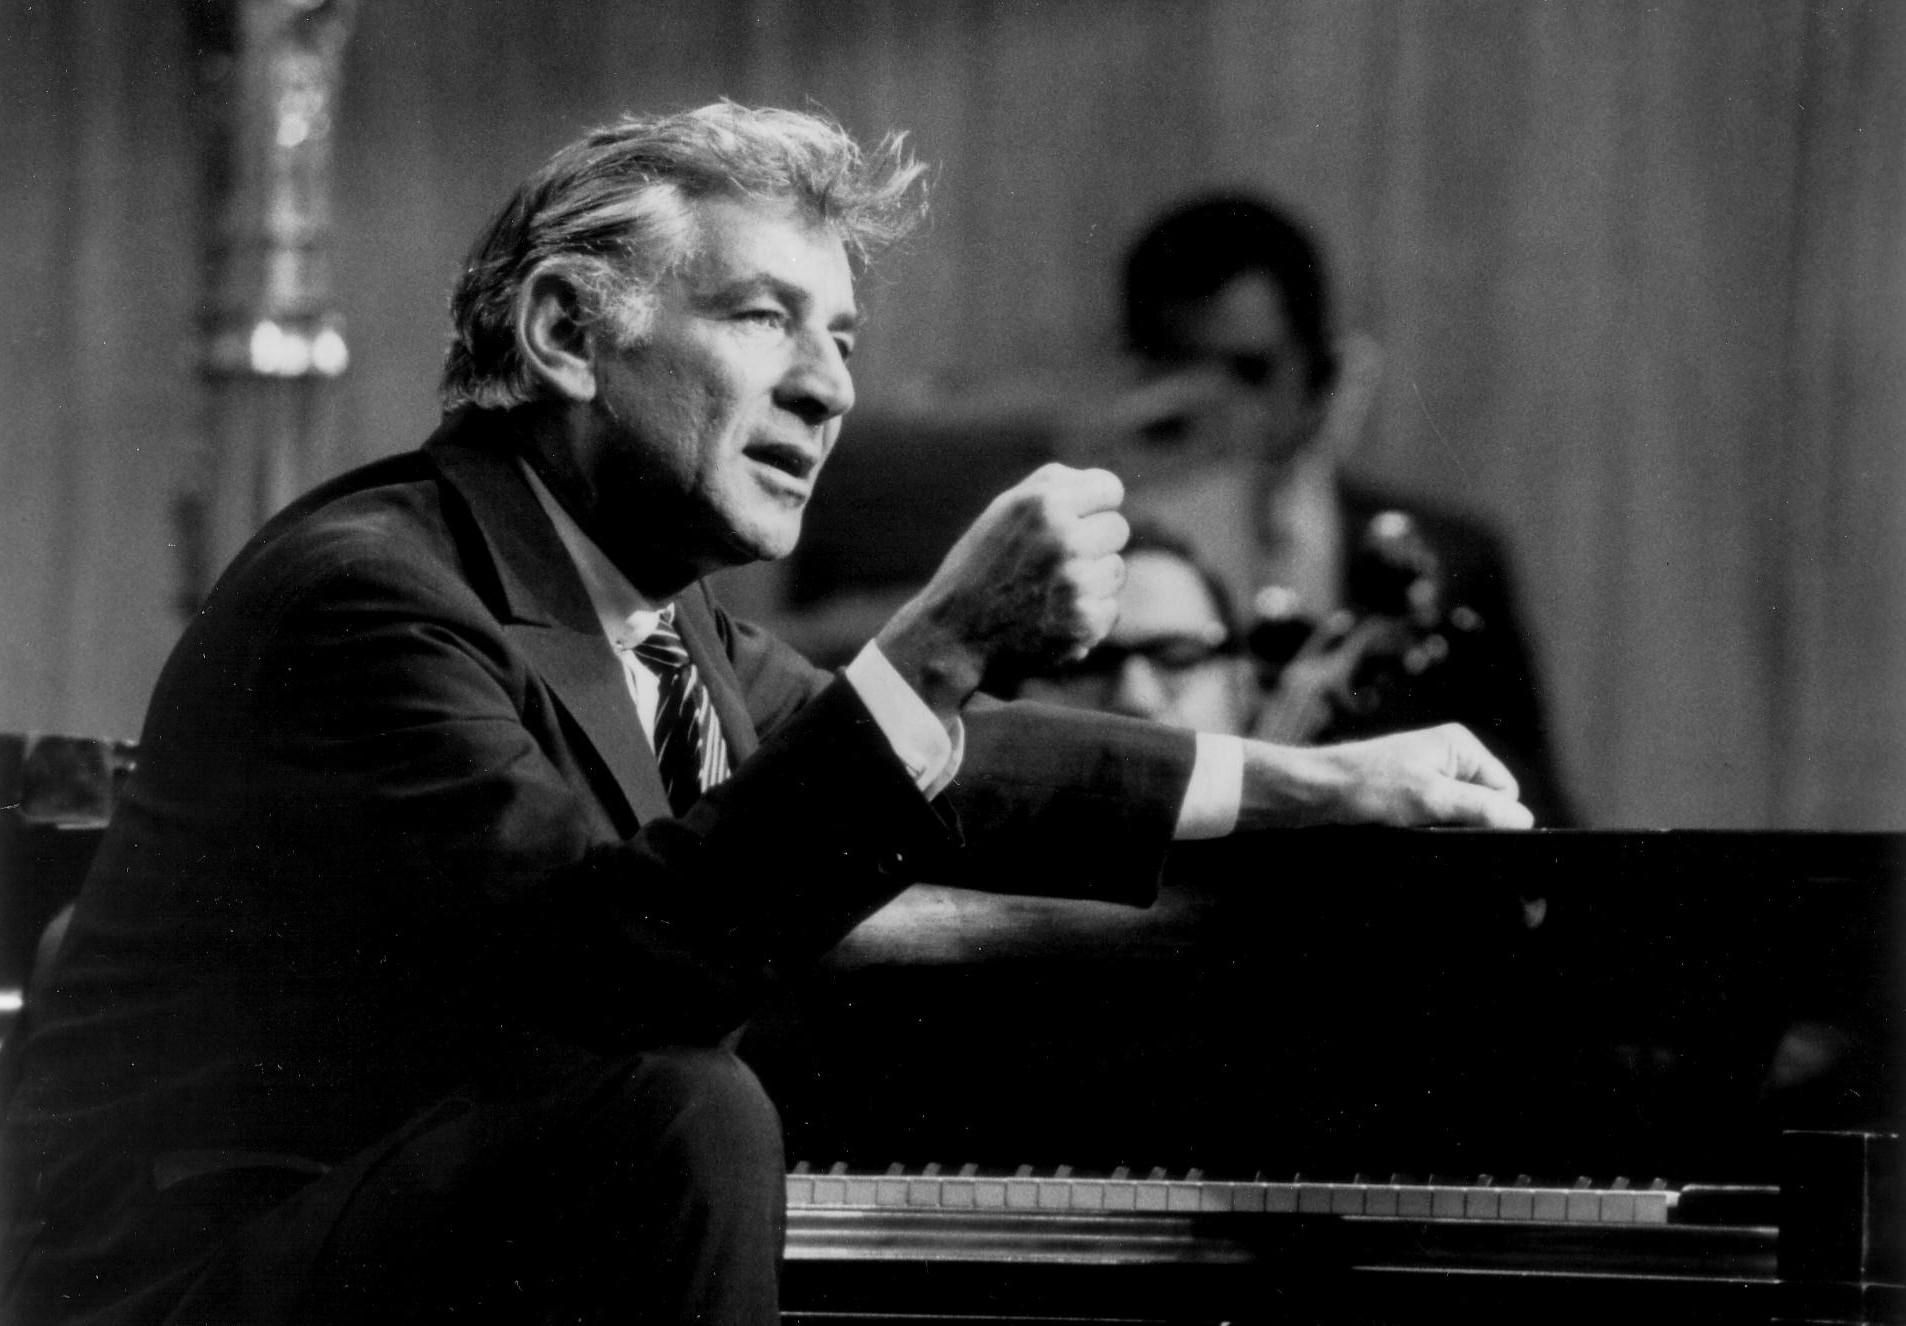 Leonard Bernstein - Stephen Sondheim - America / Cool